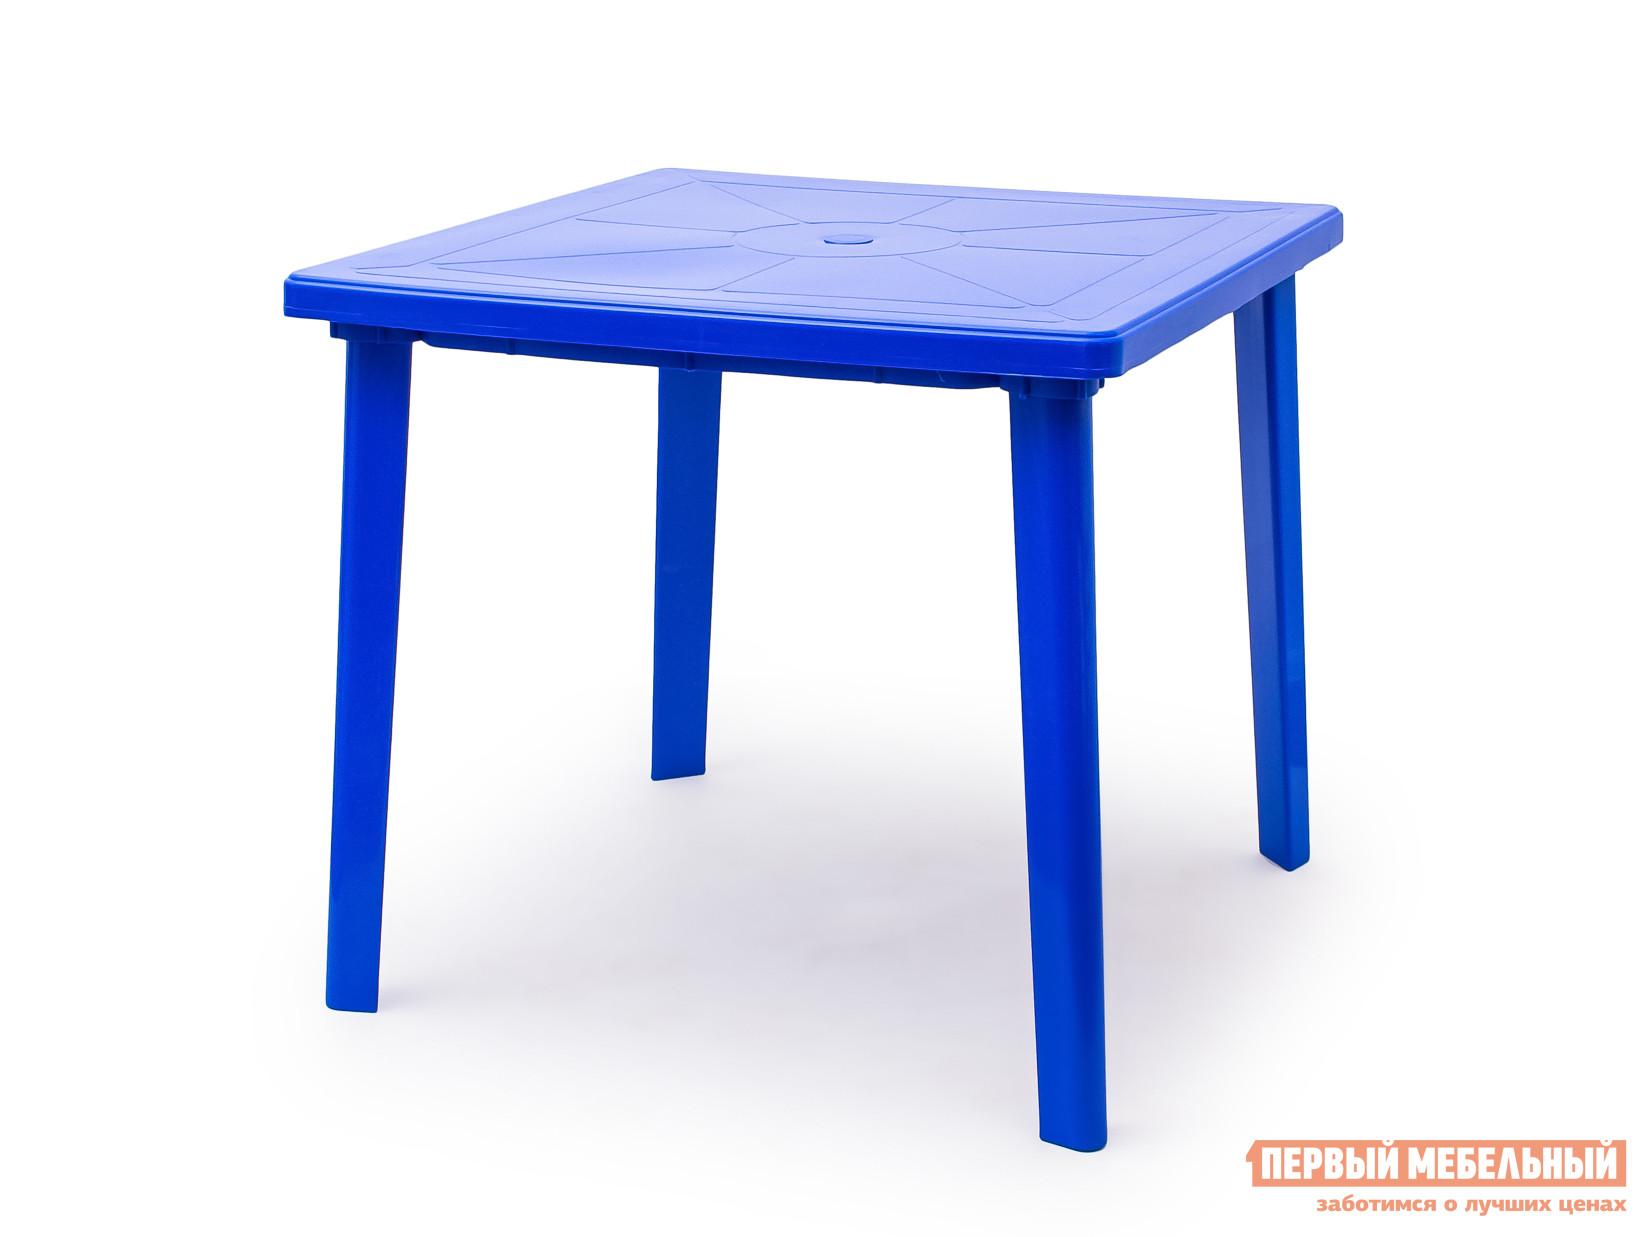 Пластиковый стол Стандарт Пластик Стол квадратный (800х800х710) СинийПластиковые столы<br>Габаритные размеры ВхШхГ 710x800x800 мм. Пластиковый квадратный стол удобный и легкий, выполнен в лаконичном стиле.  Стол отличается прочностью и надежен в эксплуатации.  Дизайн мебельного изделия разработан так, что его легко сочетать с другой мебелью.  Так же конструкцией стола предусмотрено отверстие для зонта с заглушкой.   Мебельные изделия из пластика демократичны, хорошо подходят для меблировки дачи, зоны отдыха или летнего кафе.  Пластиковая мебель не боится перепадов температур, повышенной влажности.  Такая мебель станет верным союзником в комфортном и гармоничном отдыхе.<br><br>Цвет: Синий<br>Высота мм: 710<br>Ширина мм: 800<br>Глубина мм: 800<br>Кол-во упаковок: 1<br>Форма поставки: В разобранном виде<br>Срок гарантии: 1 год<br>Форма: Квадратные<br>Размер: Маленькие